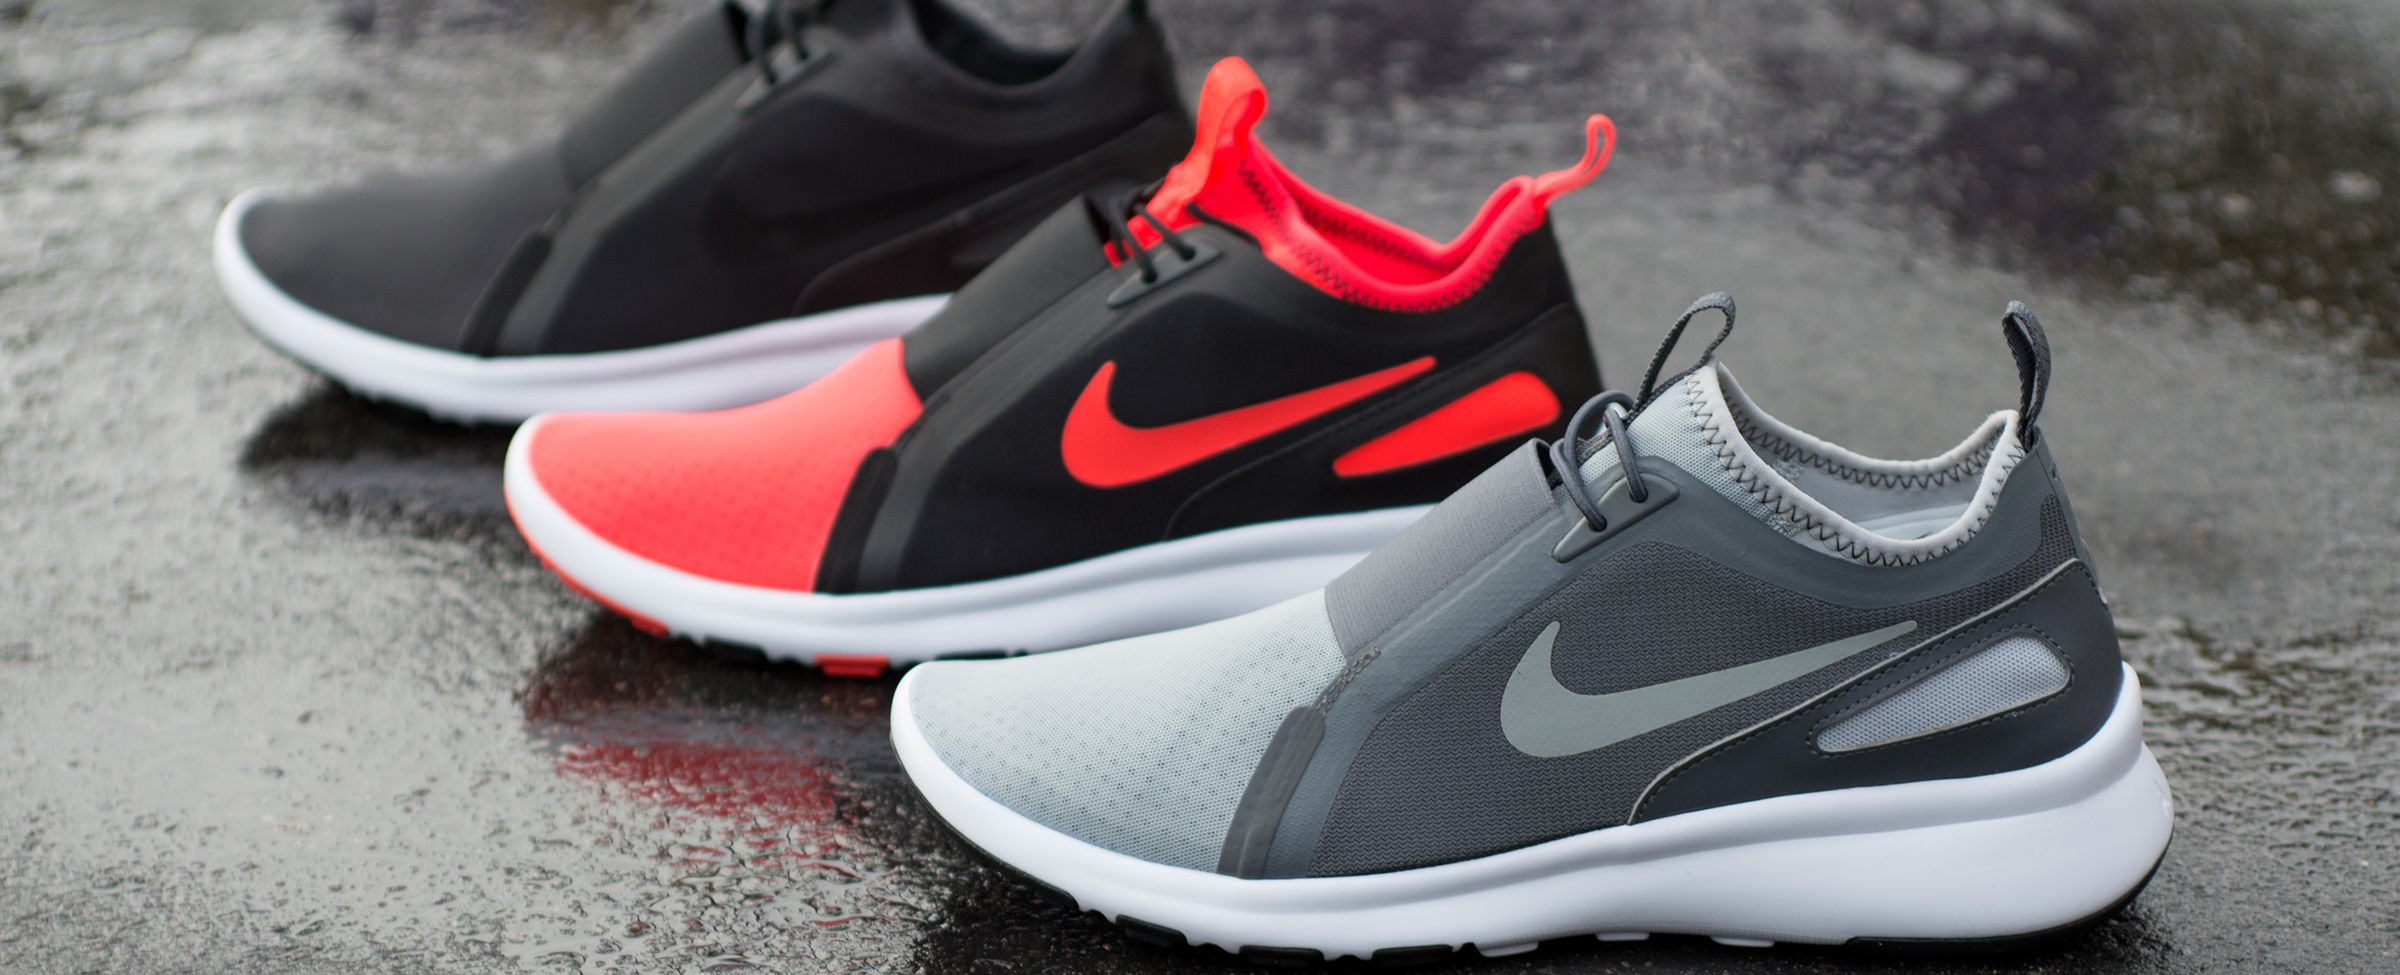 Nike current slipon online sneaker store sneakers nike